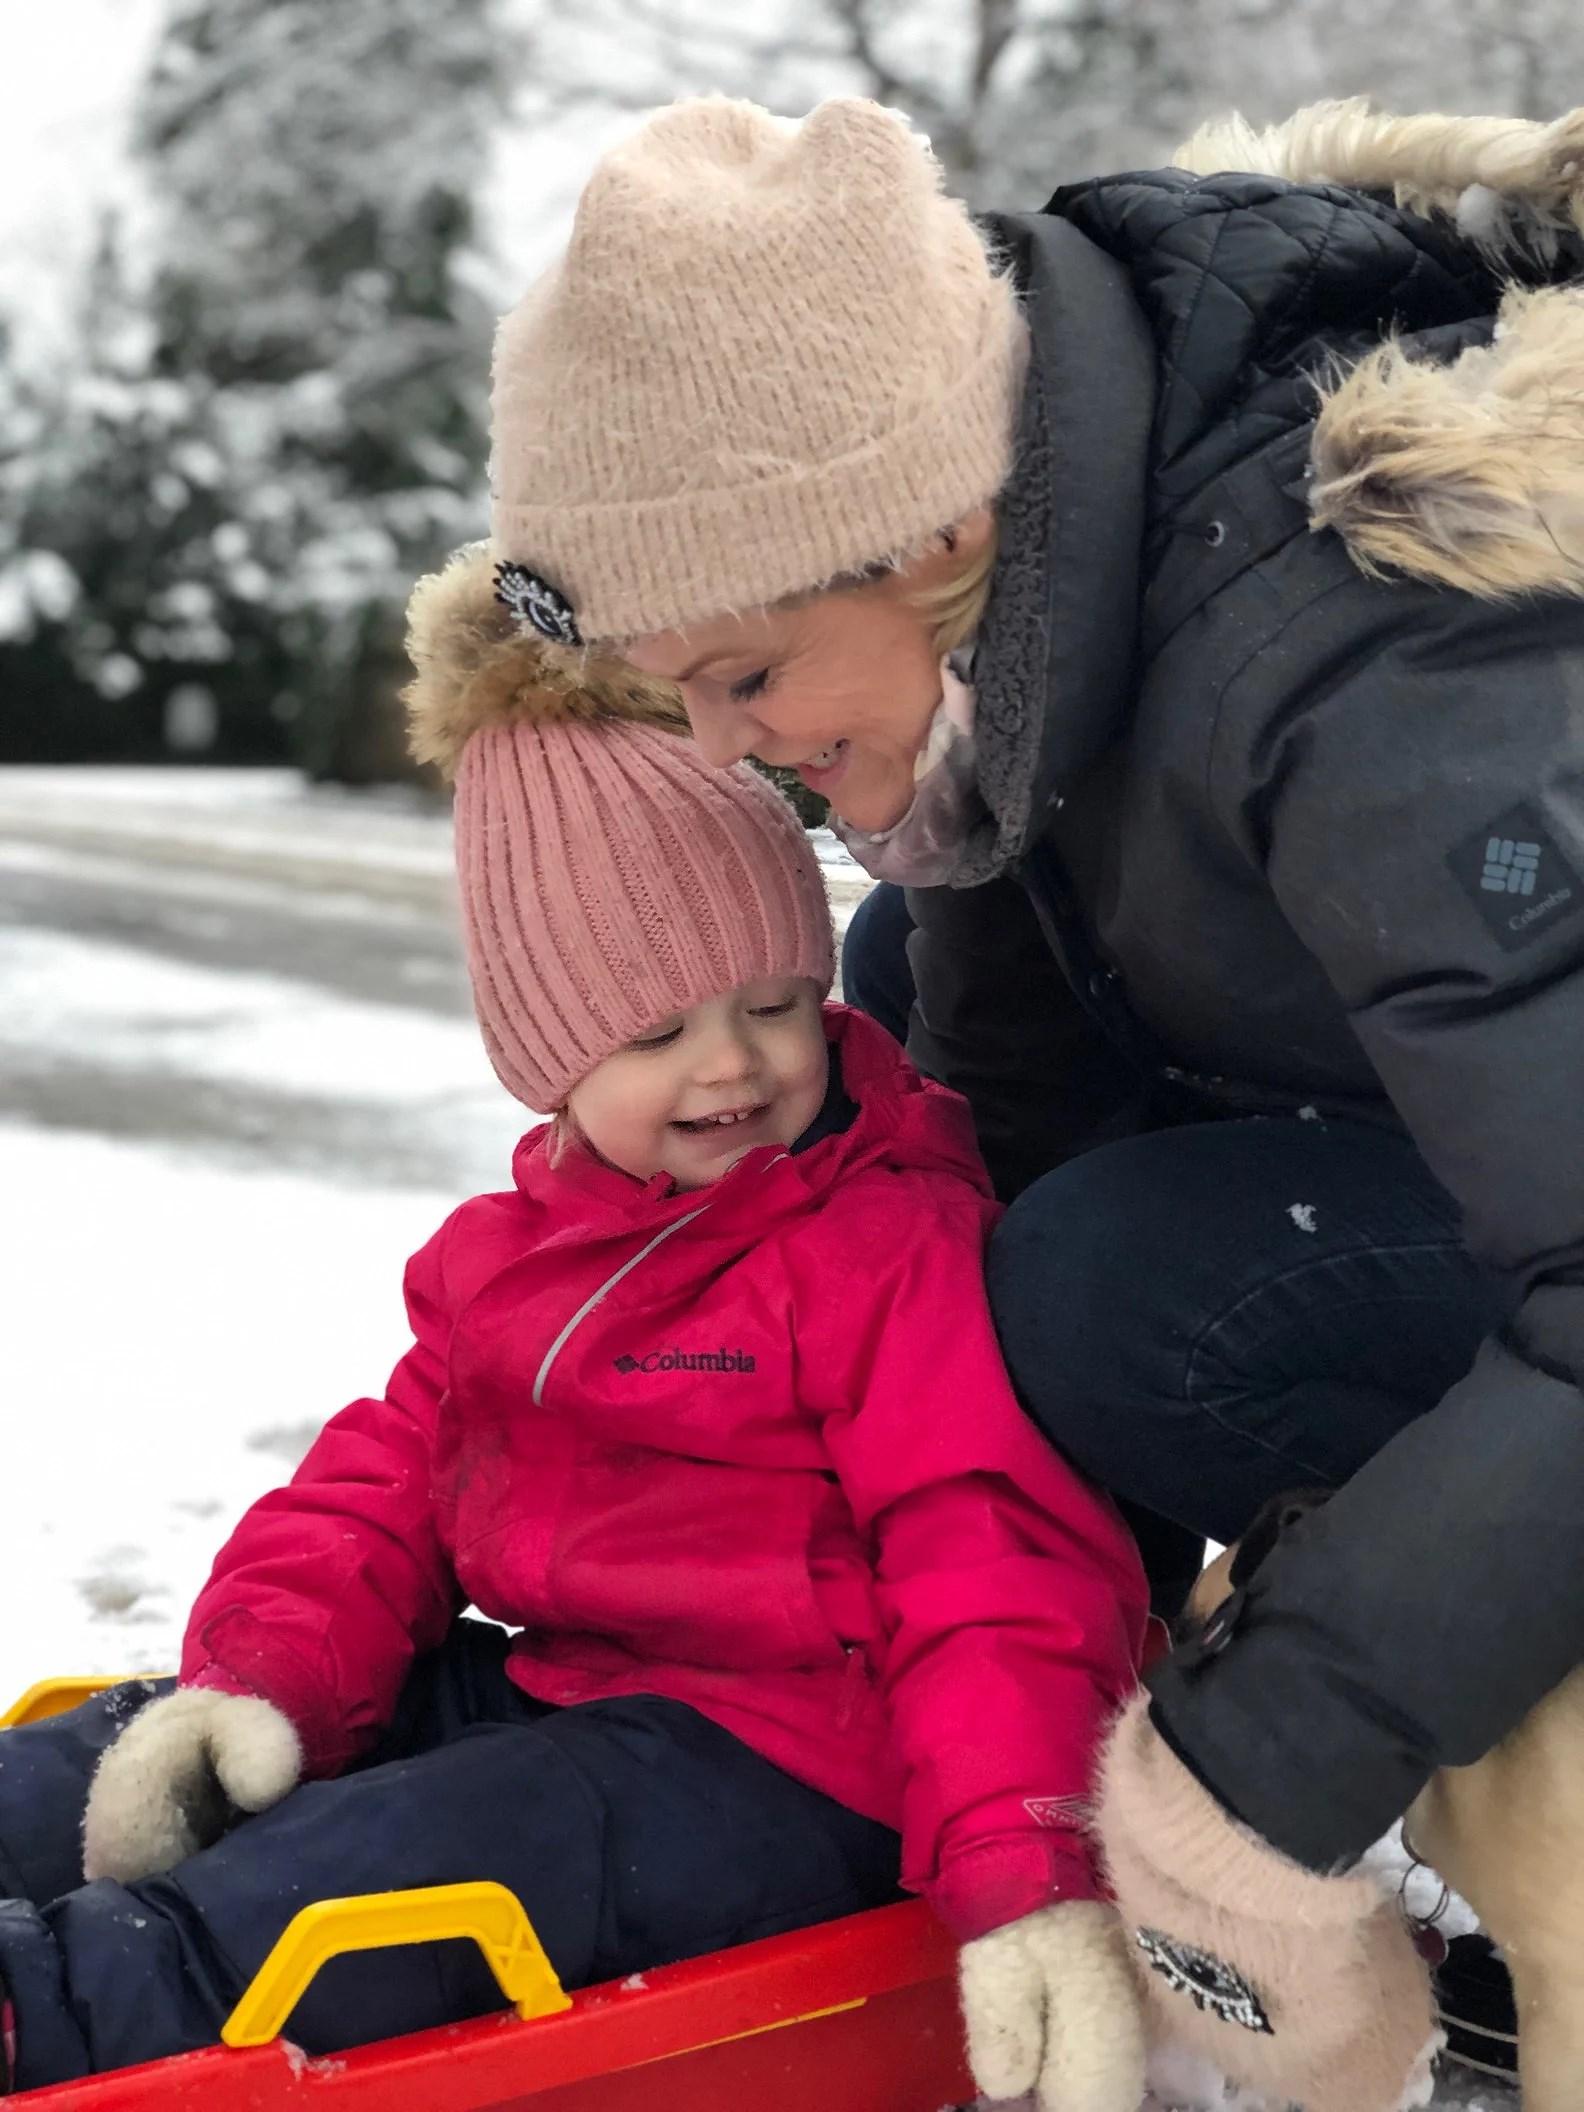 Uendelig lykkelig - den første tur i sneen i år.